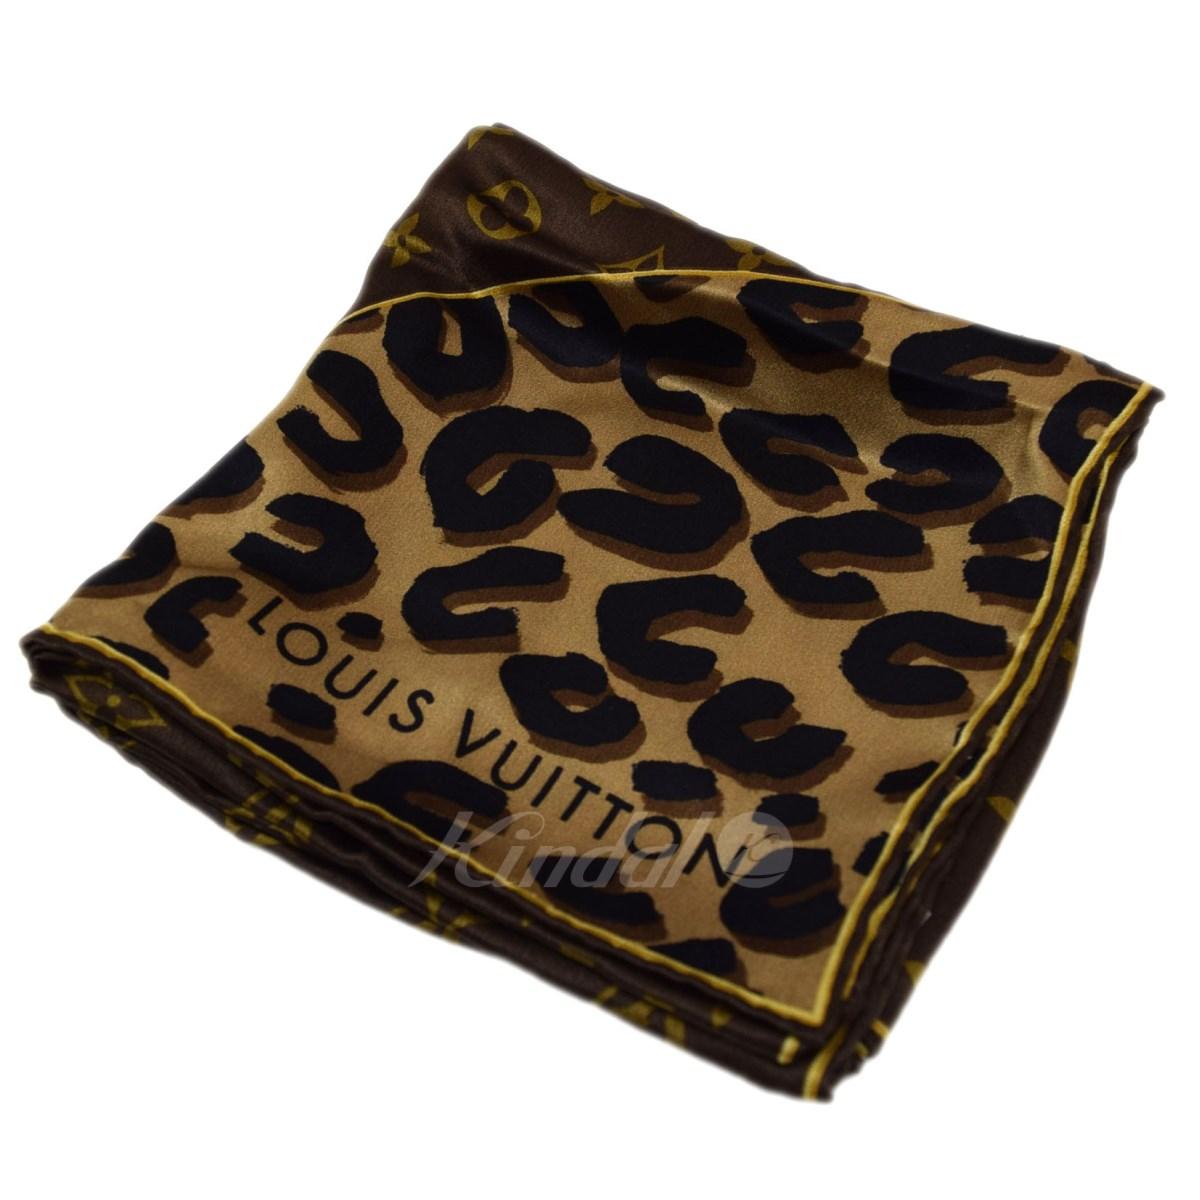 【中古】LOUIS VUITTON レオパードxモノグラムスカーフ ブラウン サイズ:- 【送料無料】 【150718】(ルイヴィトン)